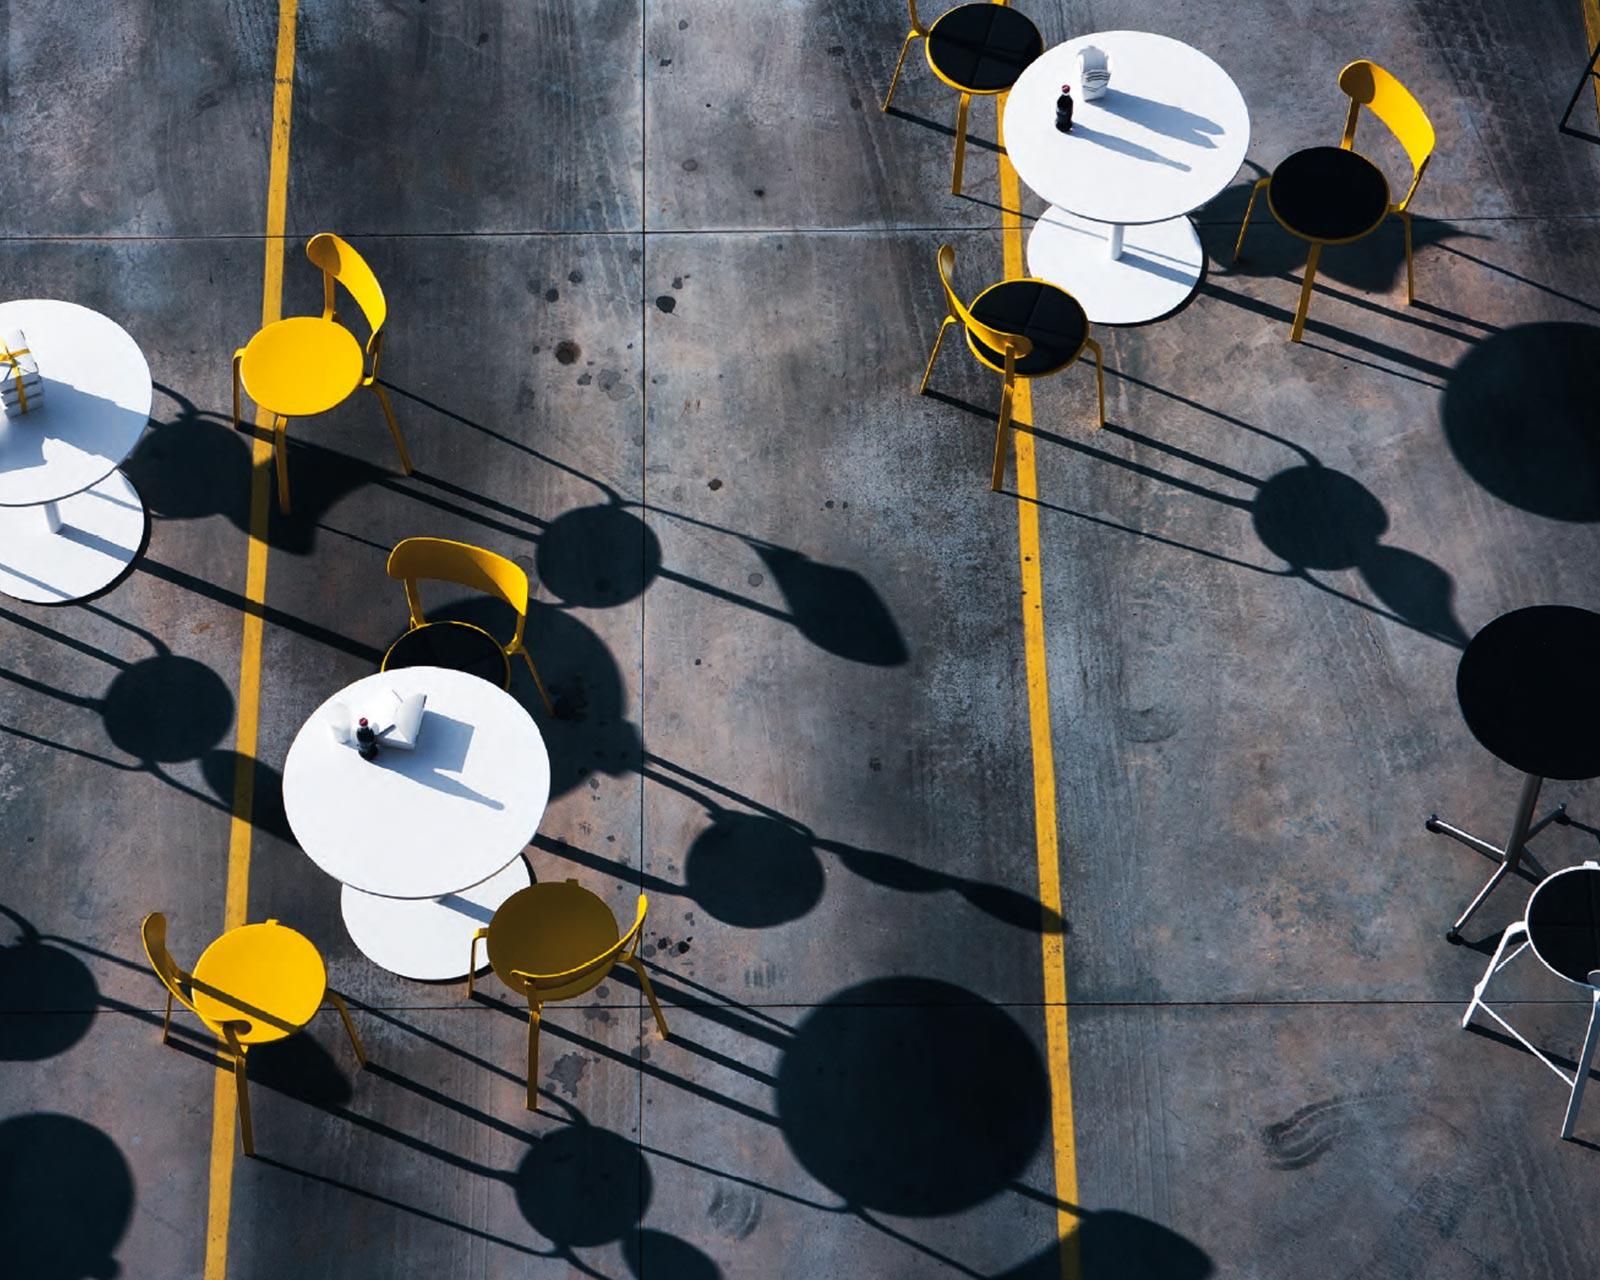 Tavoli e tavolini - Spazio Ambiente SA - Locarno